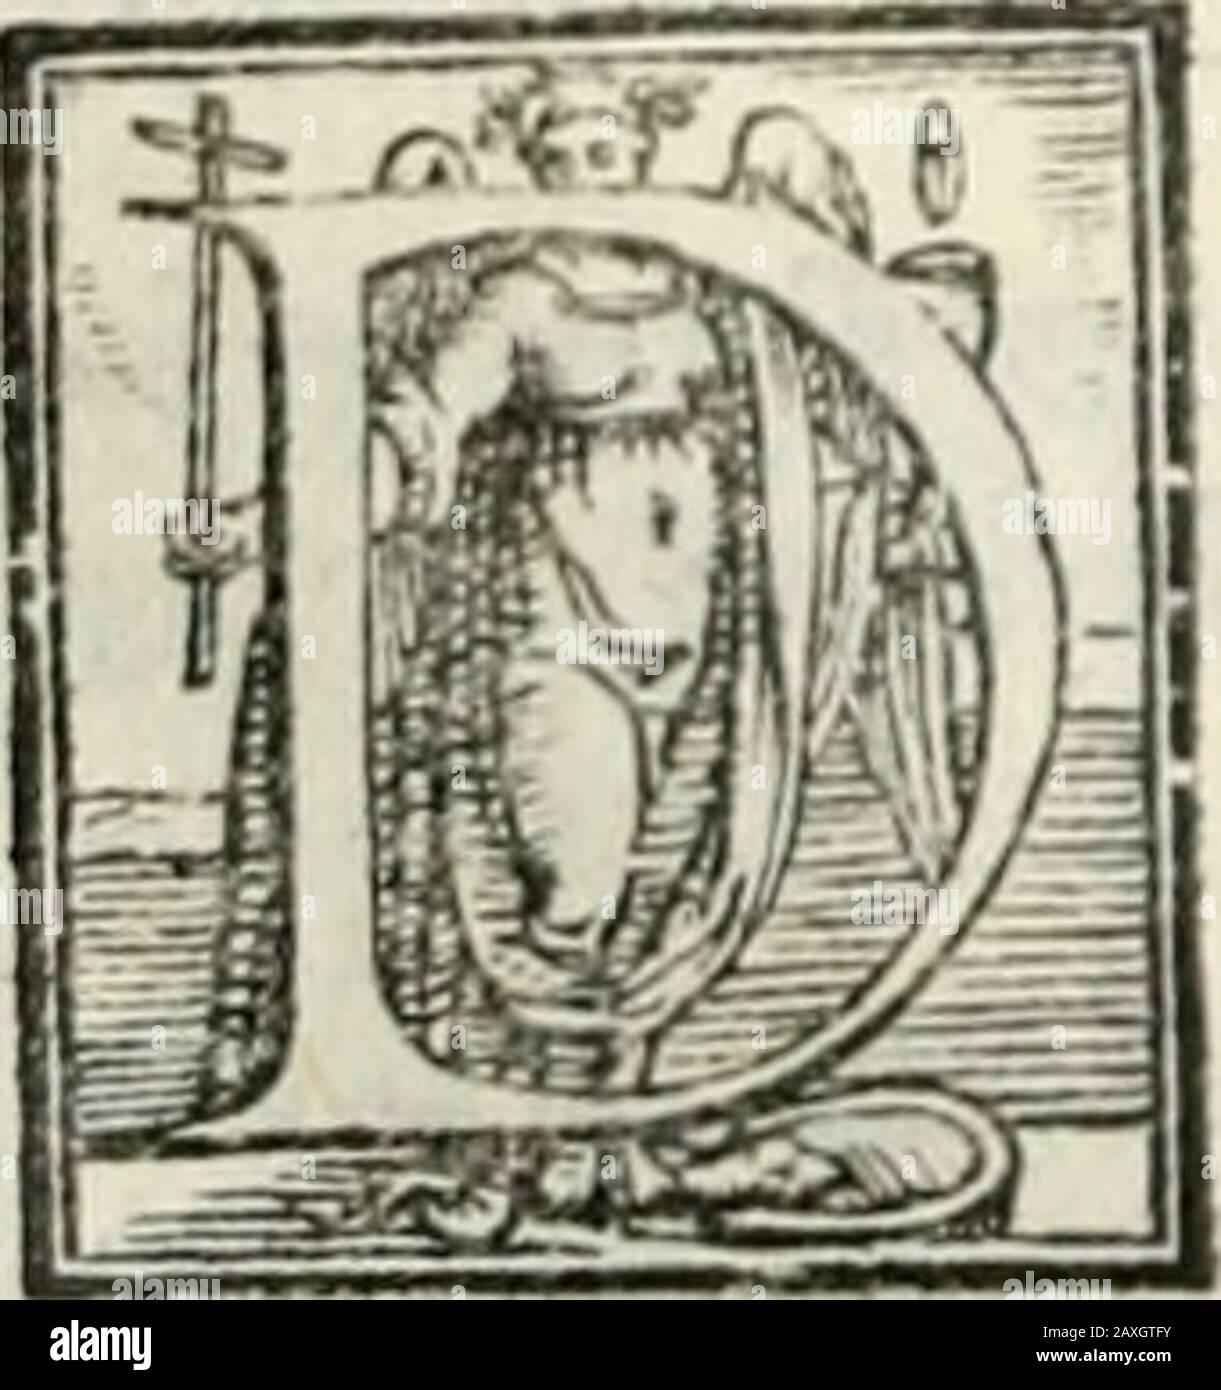 Geneologia de gli dei : i qvin deci libri . f miritò in Pilunn<YRE di Puglii.Et indi paffiti di i Rut,uli,et edifcati iui li cittì ri*A?rdca;pirtori iVilunno Diuno. Mi quello, chedifoprihabbiimoLifciatOy pirmi Hon di ejforre ; ciò e Gioue ejferfì insfòrmito inpo^gii doro,cr per lo tetto effere atuto in gretr,bo a Dinieiondecdo doHcrji intendere, li pudicitii delii uergine effere ^corrotti con oro. Et non. FECONDO. 57 tffendo coneehtodUdutsró pyterui enfnre perii potdjcjuetto ejjeruidndaperlo tetto fegretdmente. Cf poi efjerrfi locato neUj. Cdmeva deÙd donzeUd,. ìrezzo delfuo congi Banque D'Images